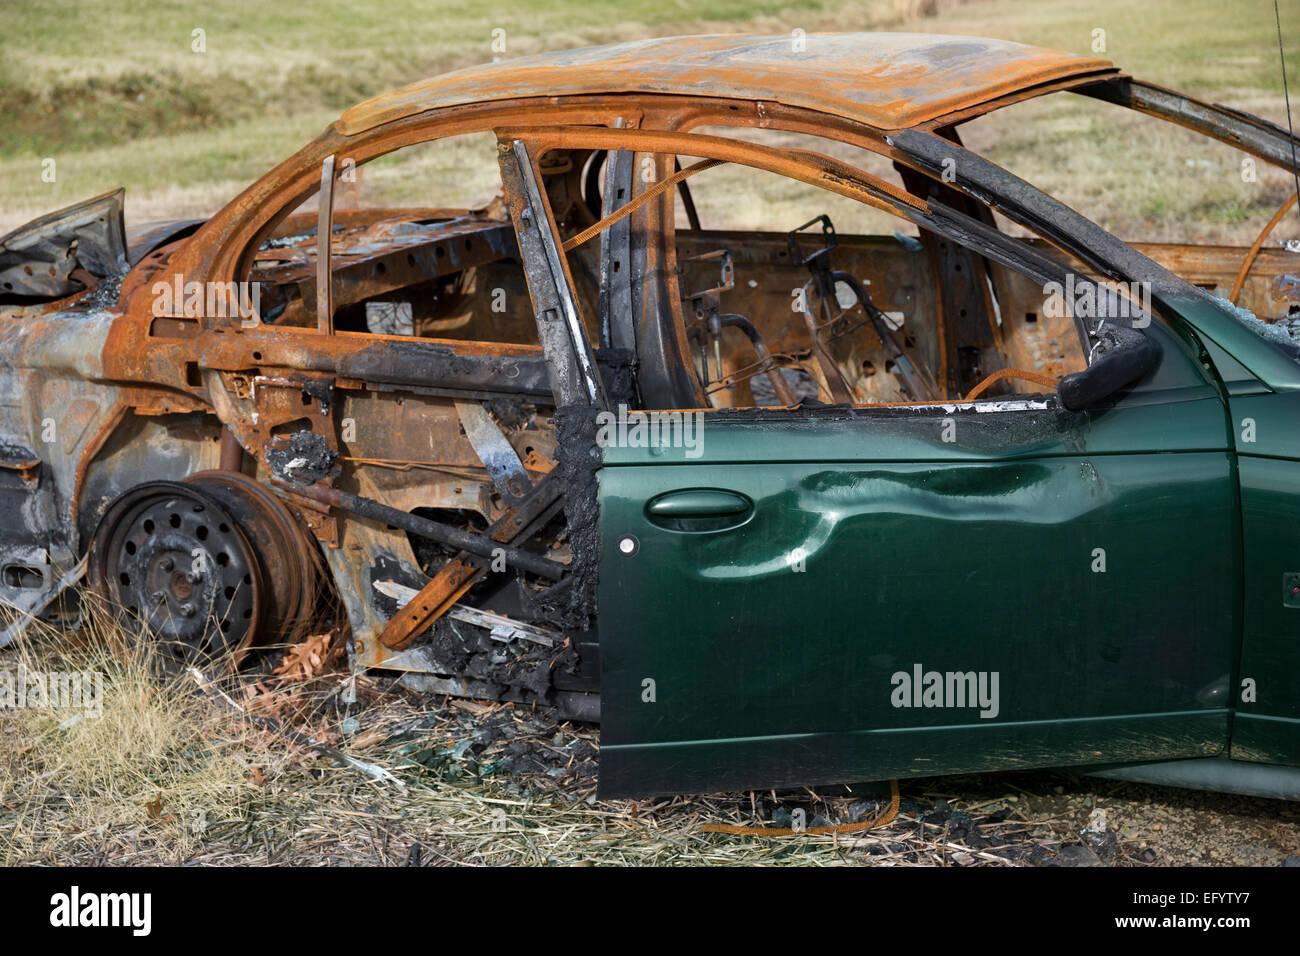 Grünes Auto durch einen Brand zerstört Stockbild